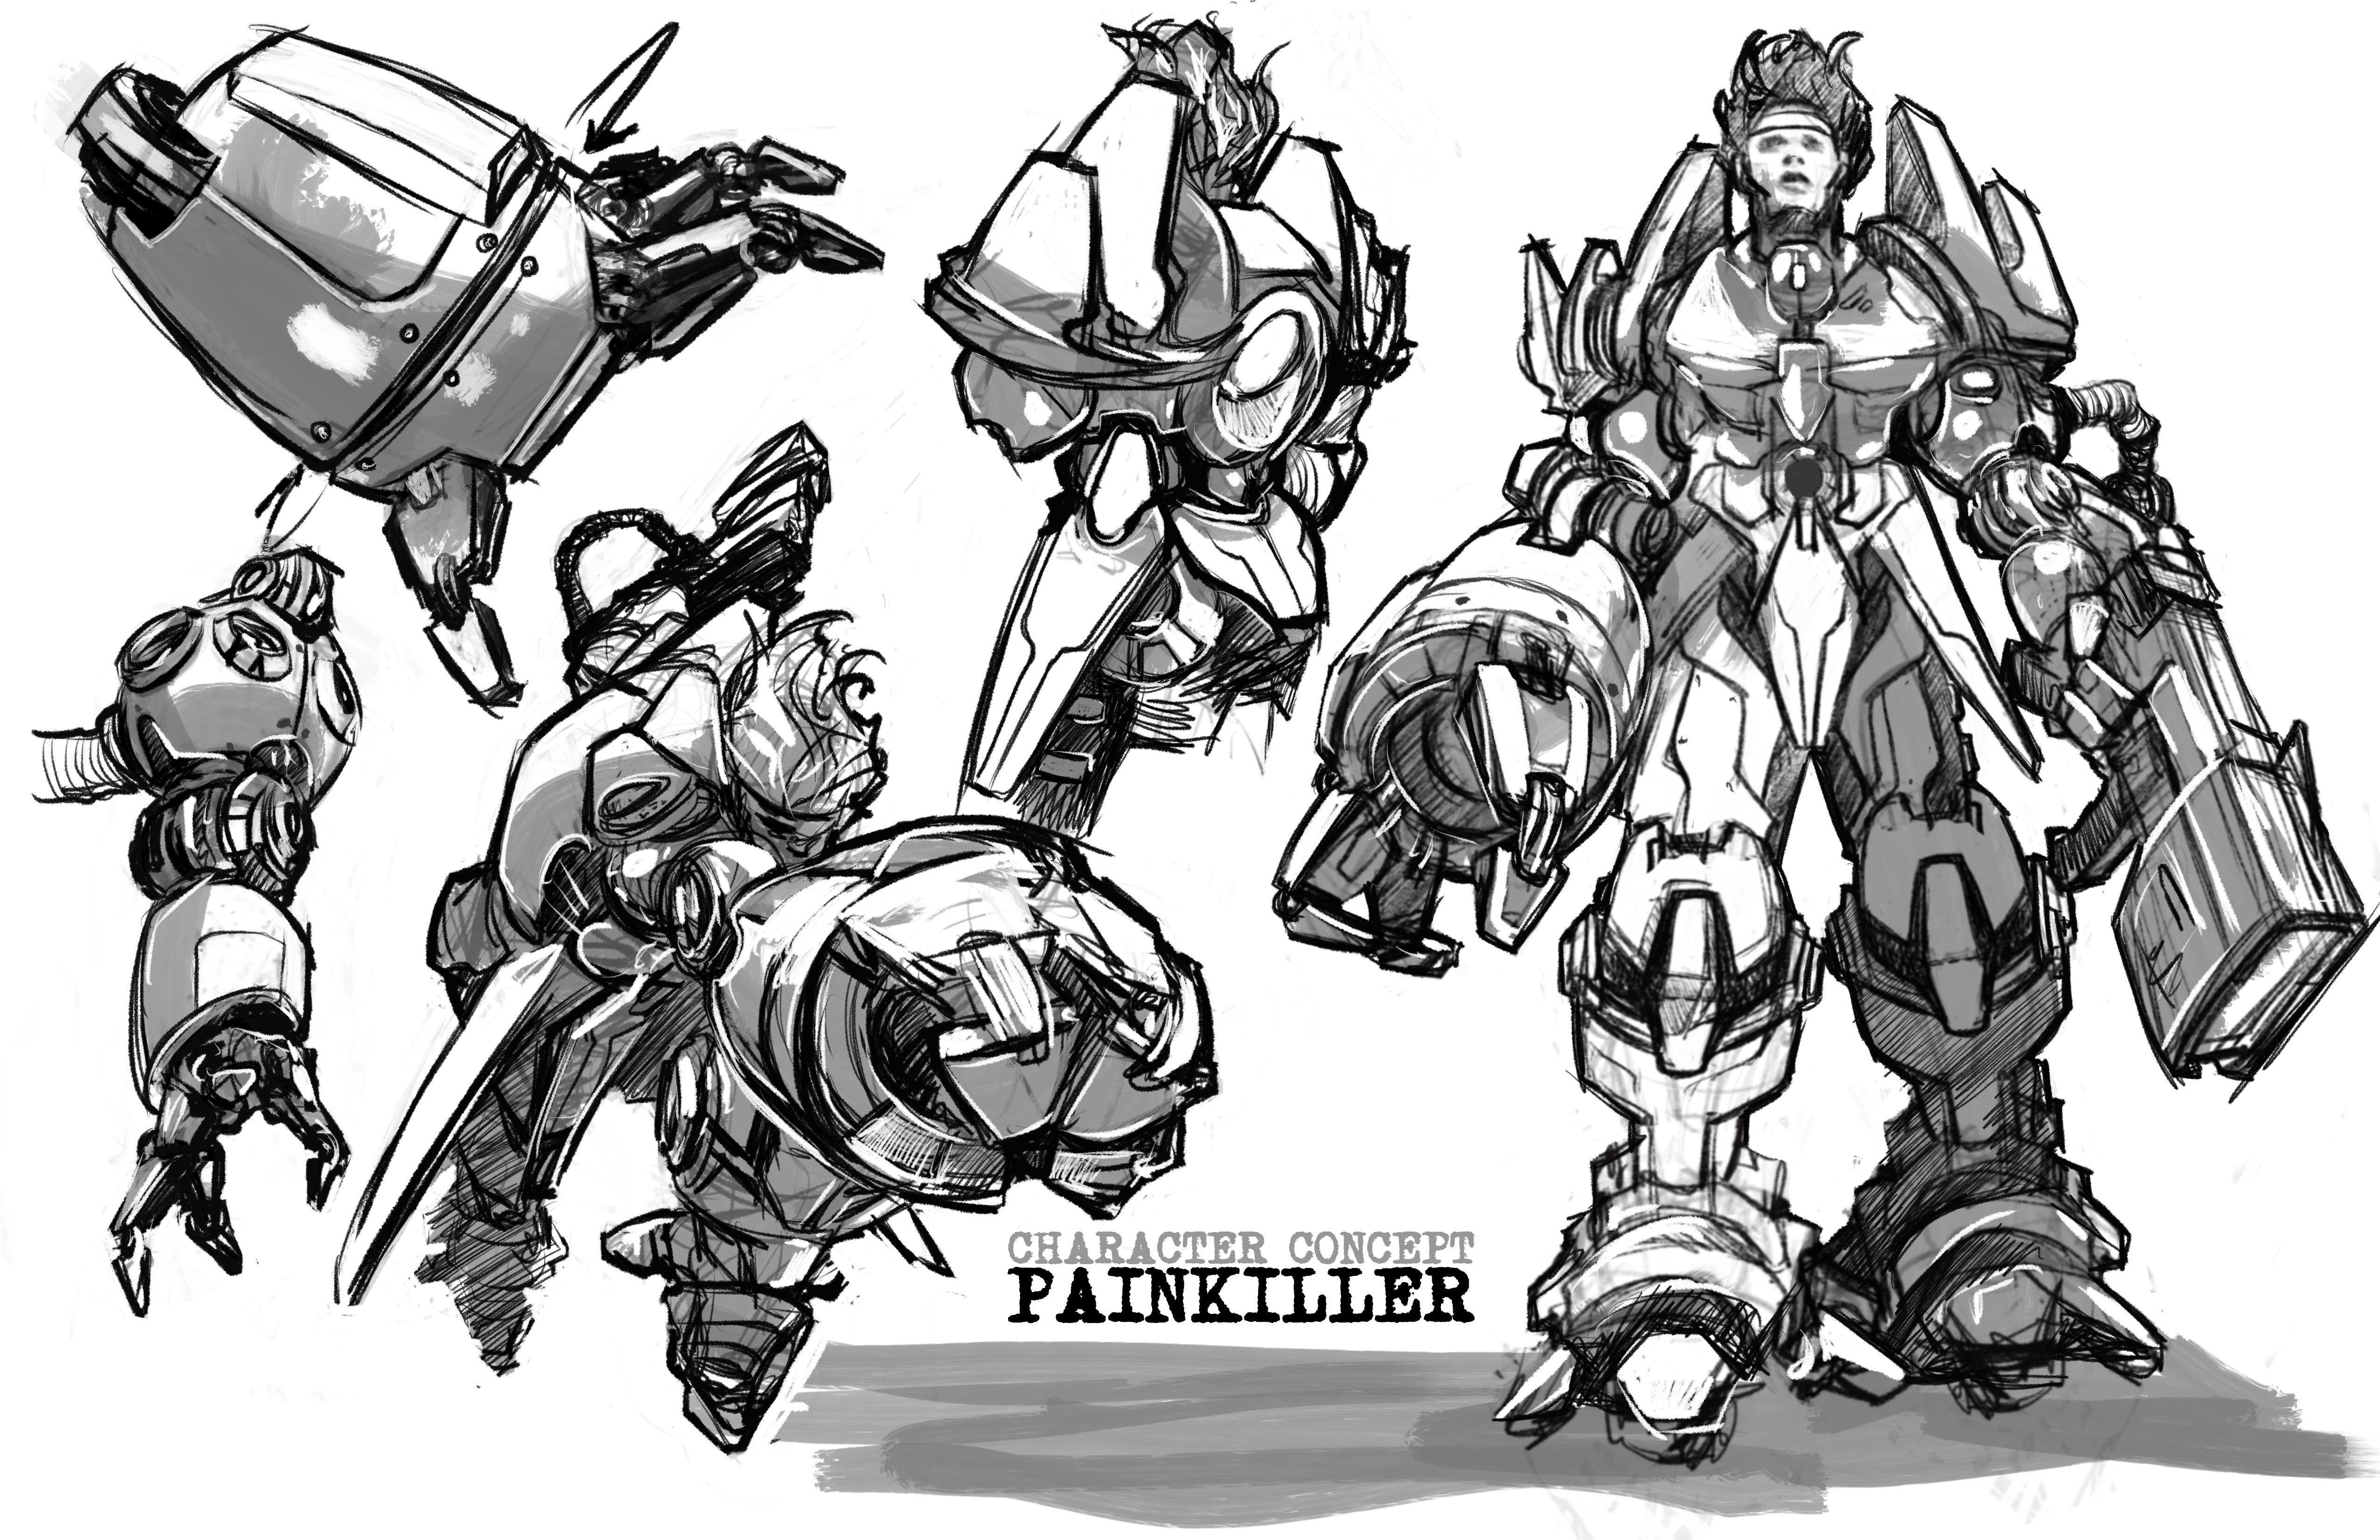 Painkiller 2.0